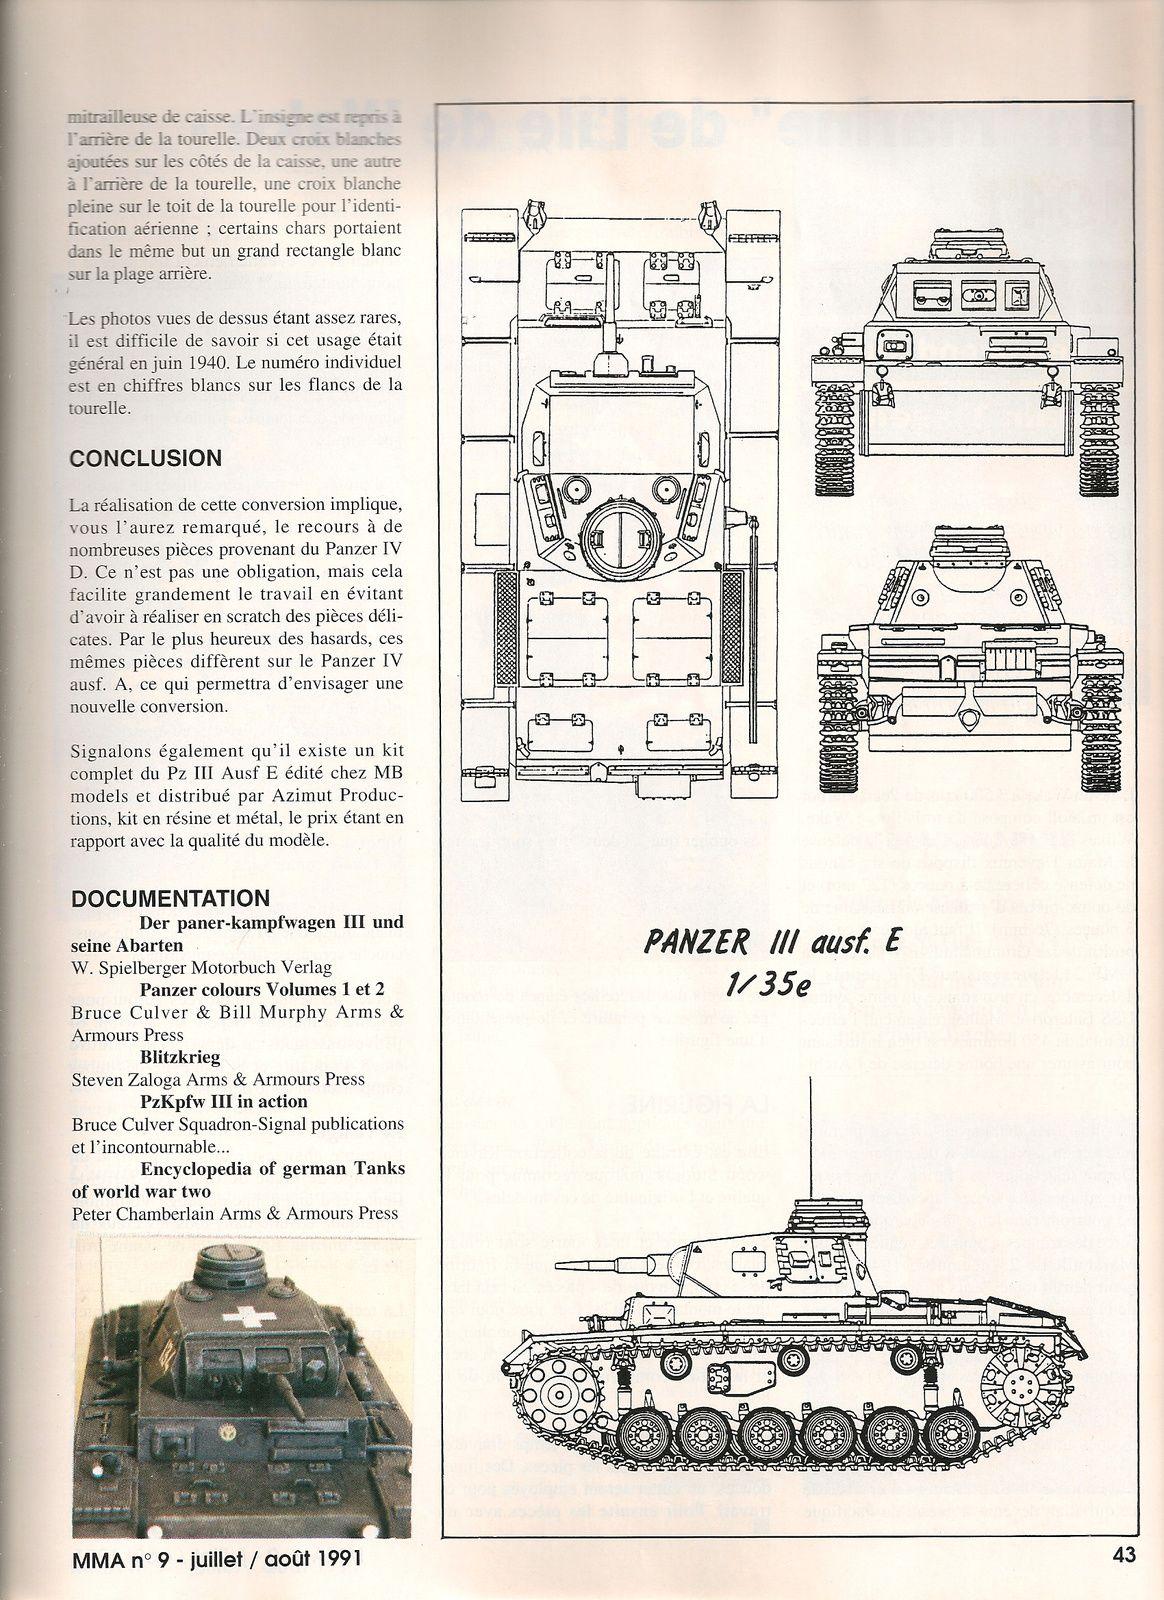 Panzer III Aust.E de la campagne de France